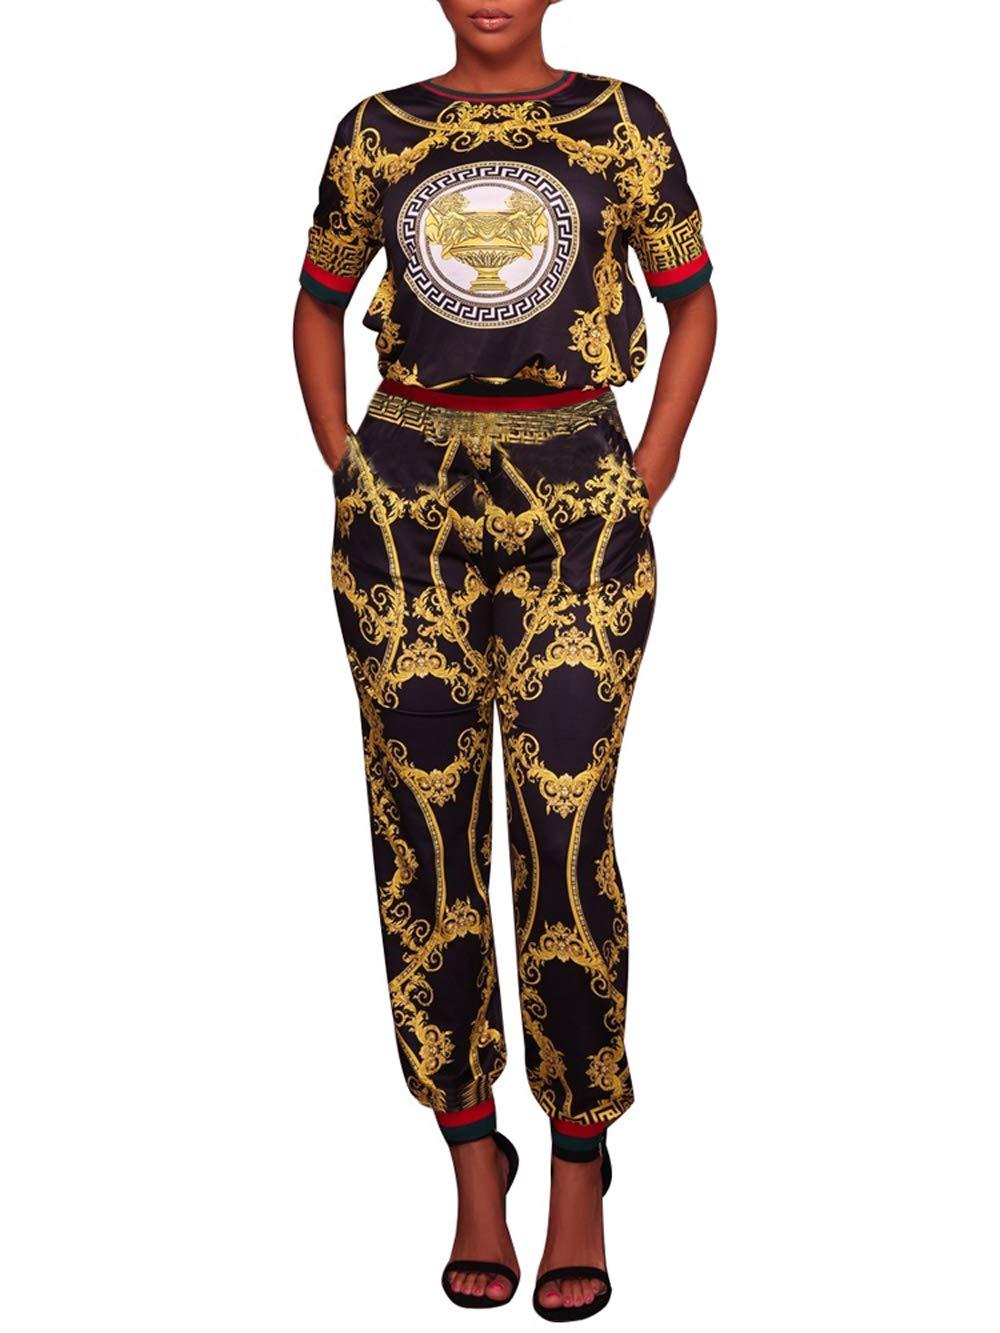 PlushZone Women's Casual Floral Print Short Sleeve Top 2 Pieces Outfits Long Pants Jumpsuit, Black, Medium